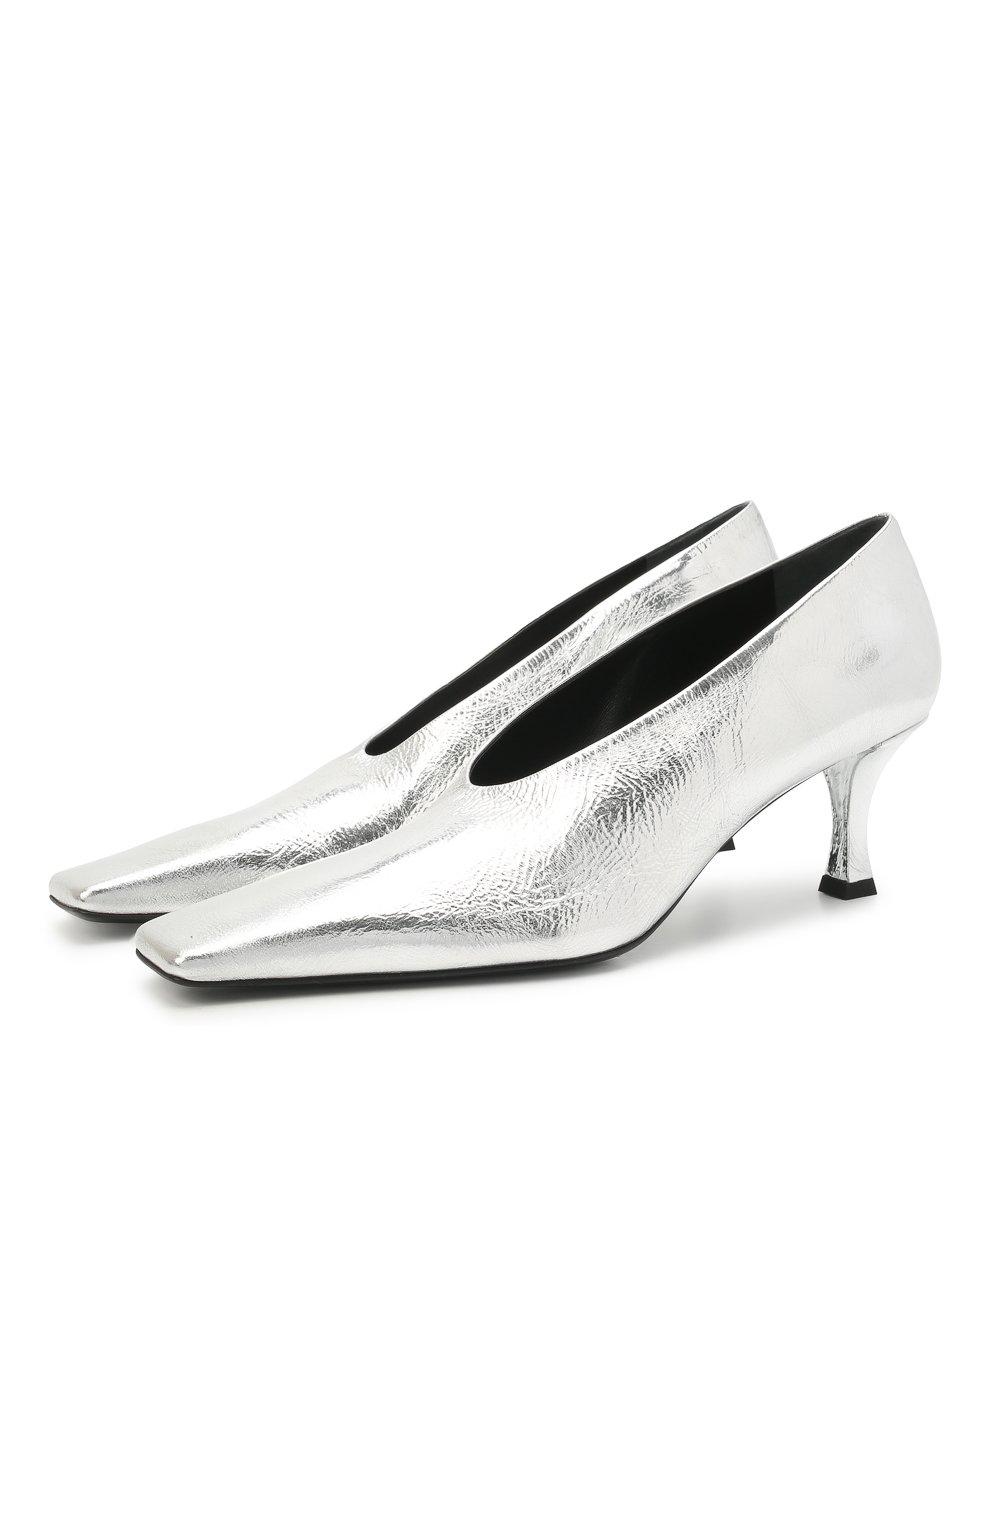 Женские кожаные туфли PROENZA SCHOULER серебряного цвета, арт. PS35202A/13031 | Фото 1 (Материал внутренний: Натуральная кожа; Каблук высота: Средний; Каблук тип: Шпилька; Подошва: Плоская)